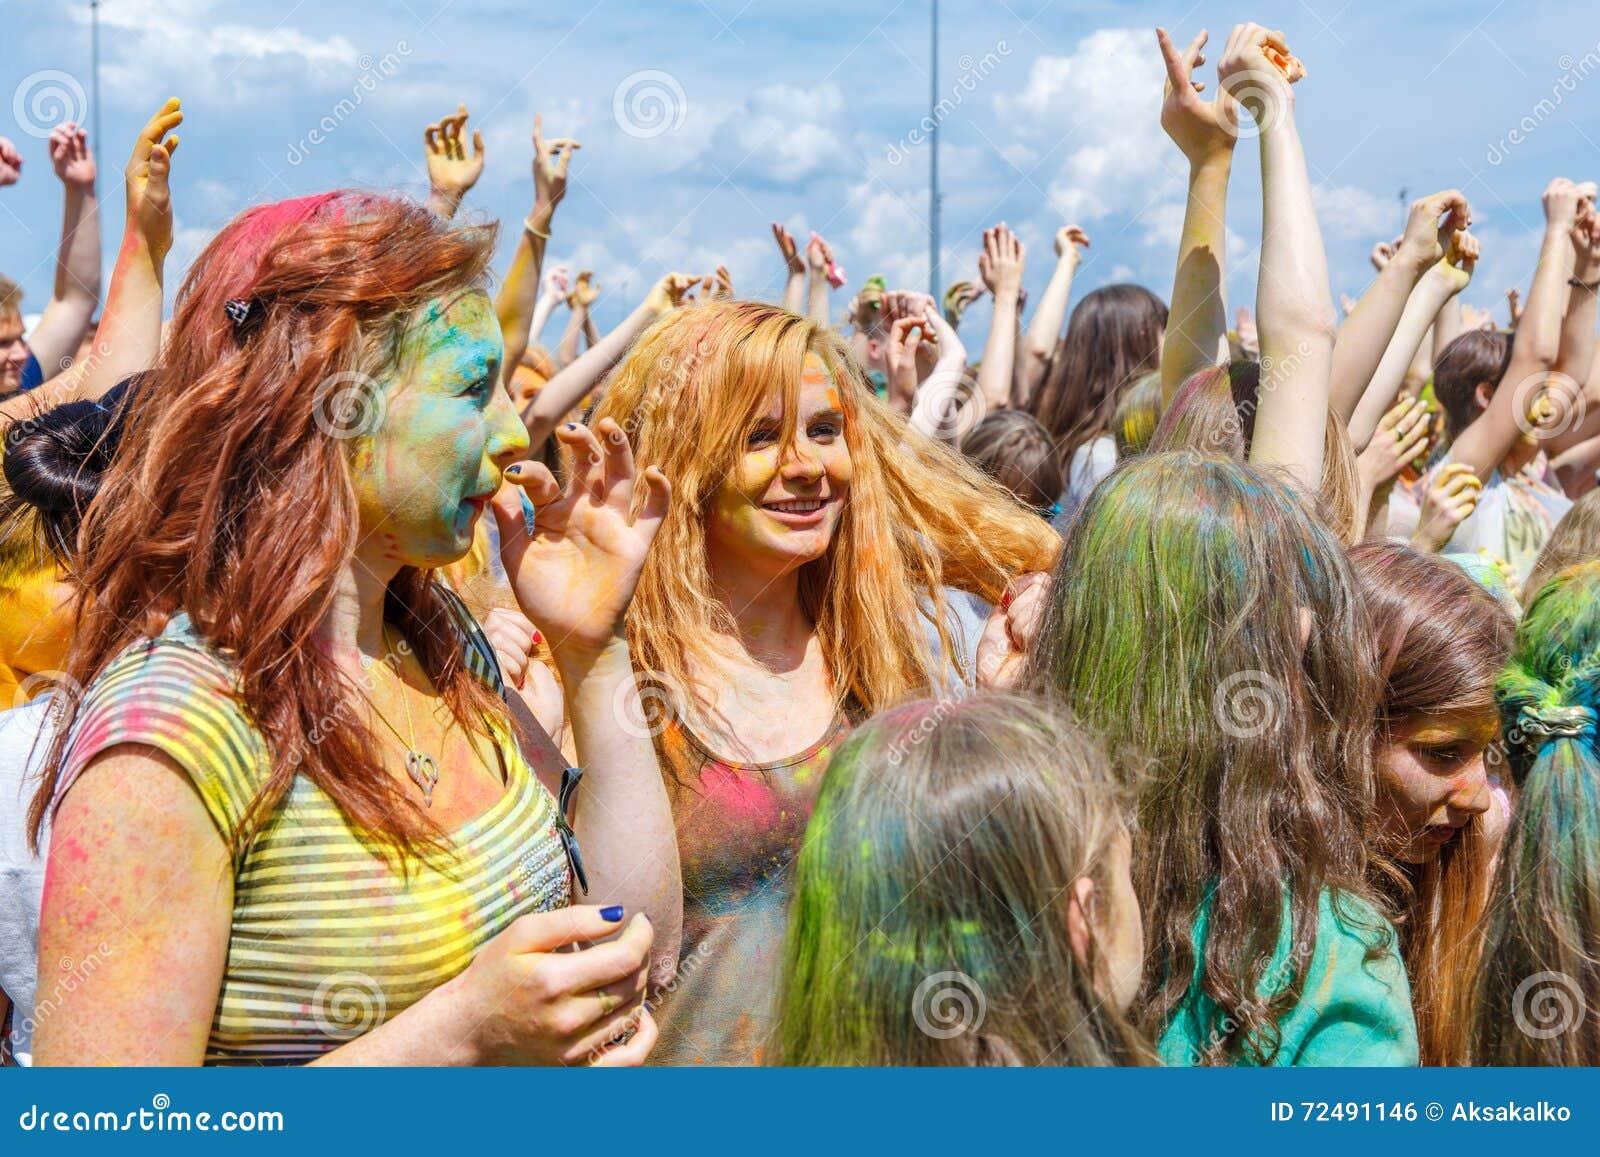 Ежегодный фестиваль цветов ColorFest